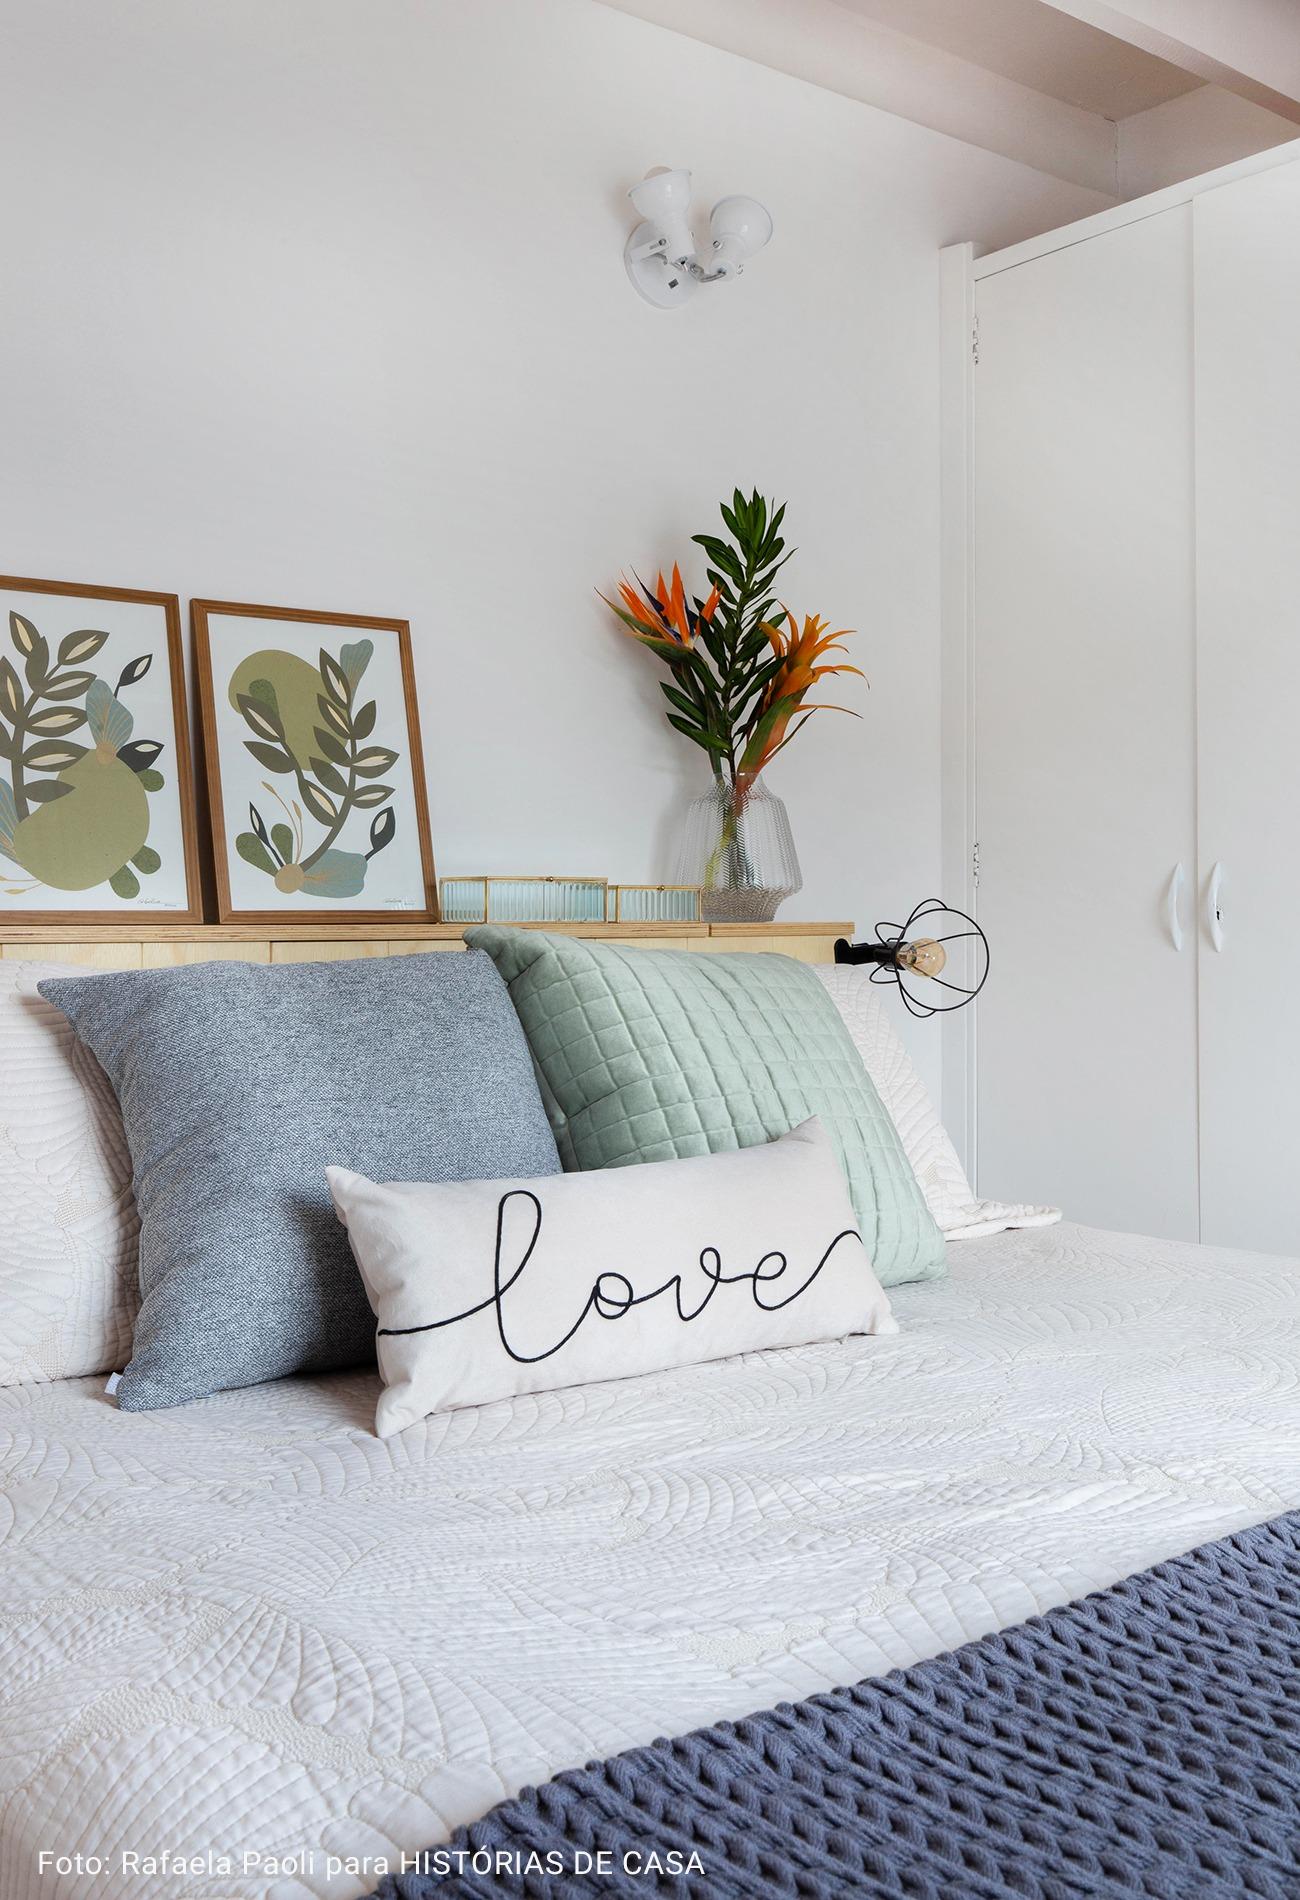 cama com almofadas coloridas